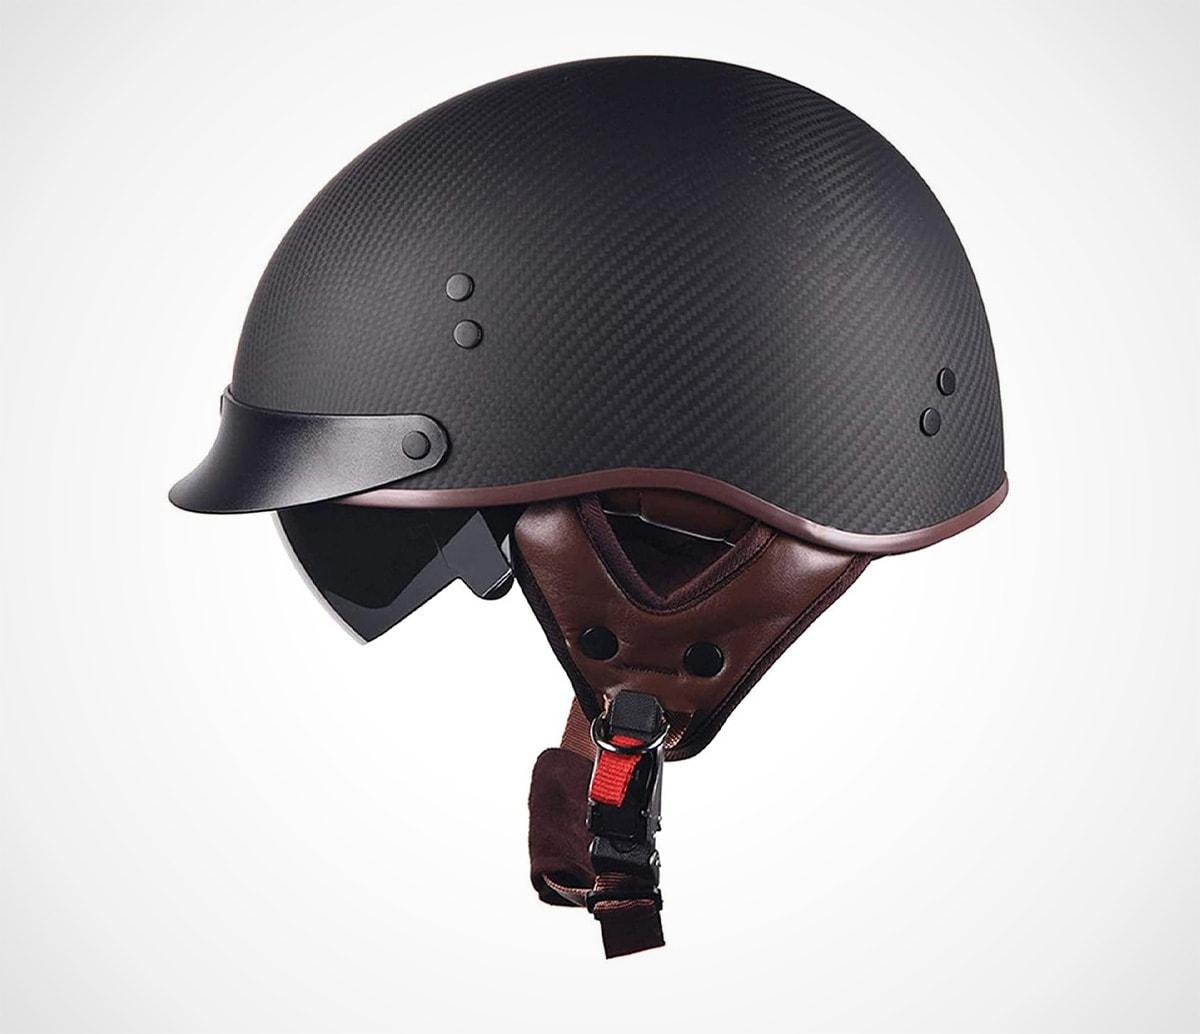 Half Open Face Motorcycle Helmet